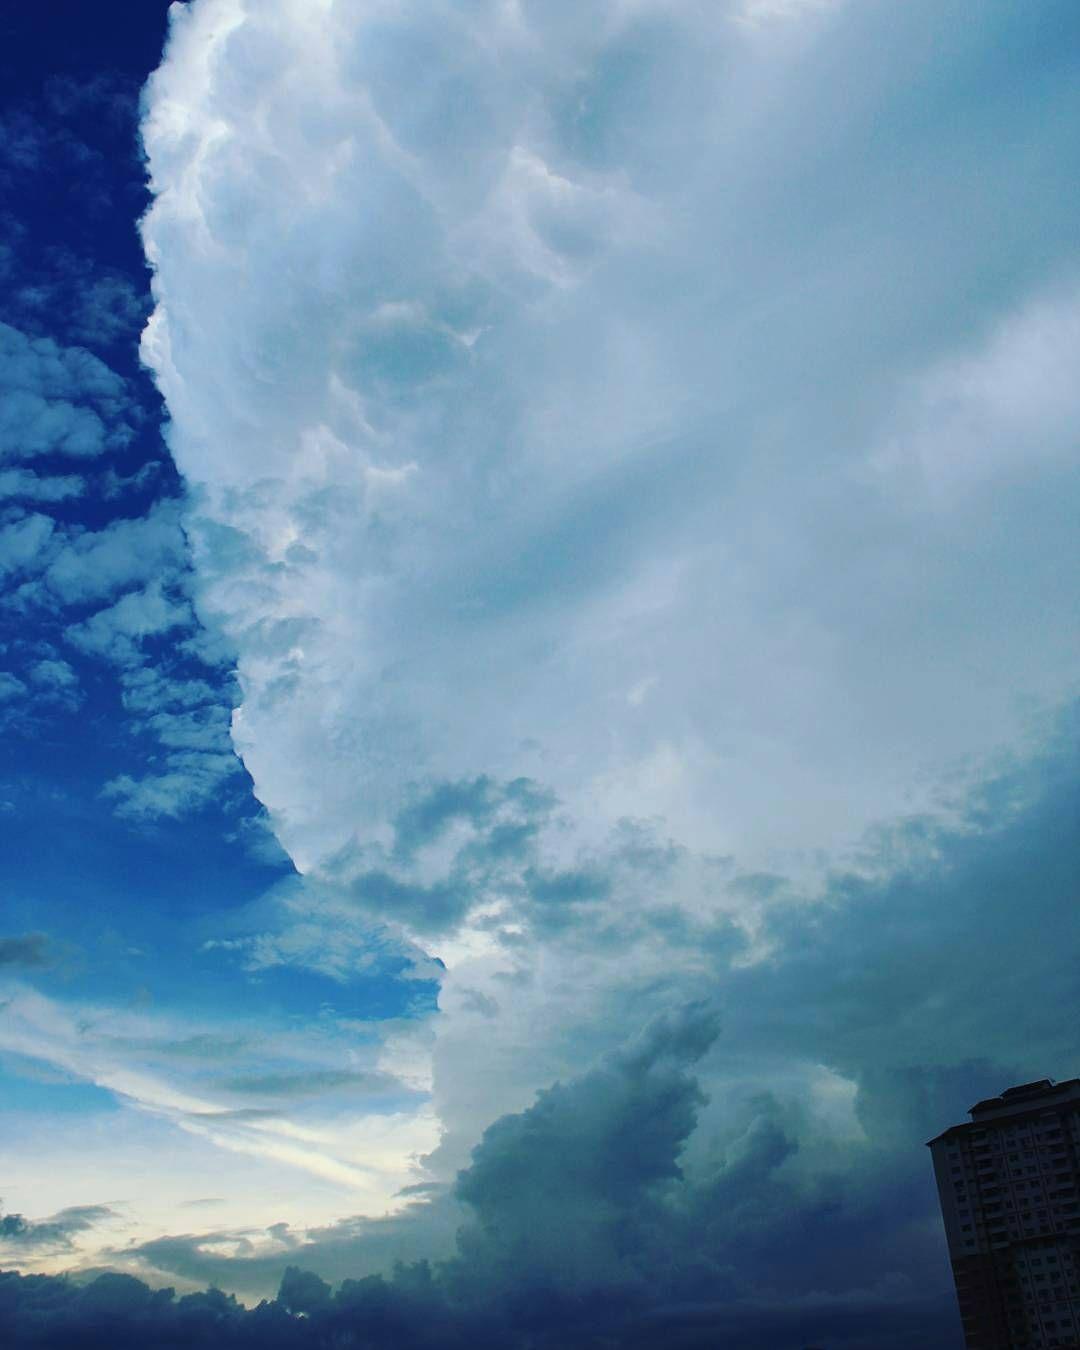 شبكة أجواء شاهد قوة السحابة ركامي عاصفة مطر عاصفة رعدية امطار ماليزيا Samalaysia Instagram Instagram Posts Photo